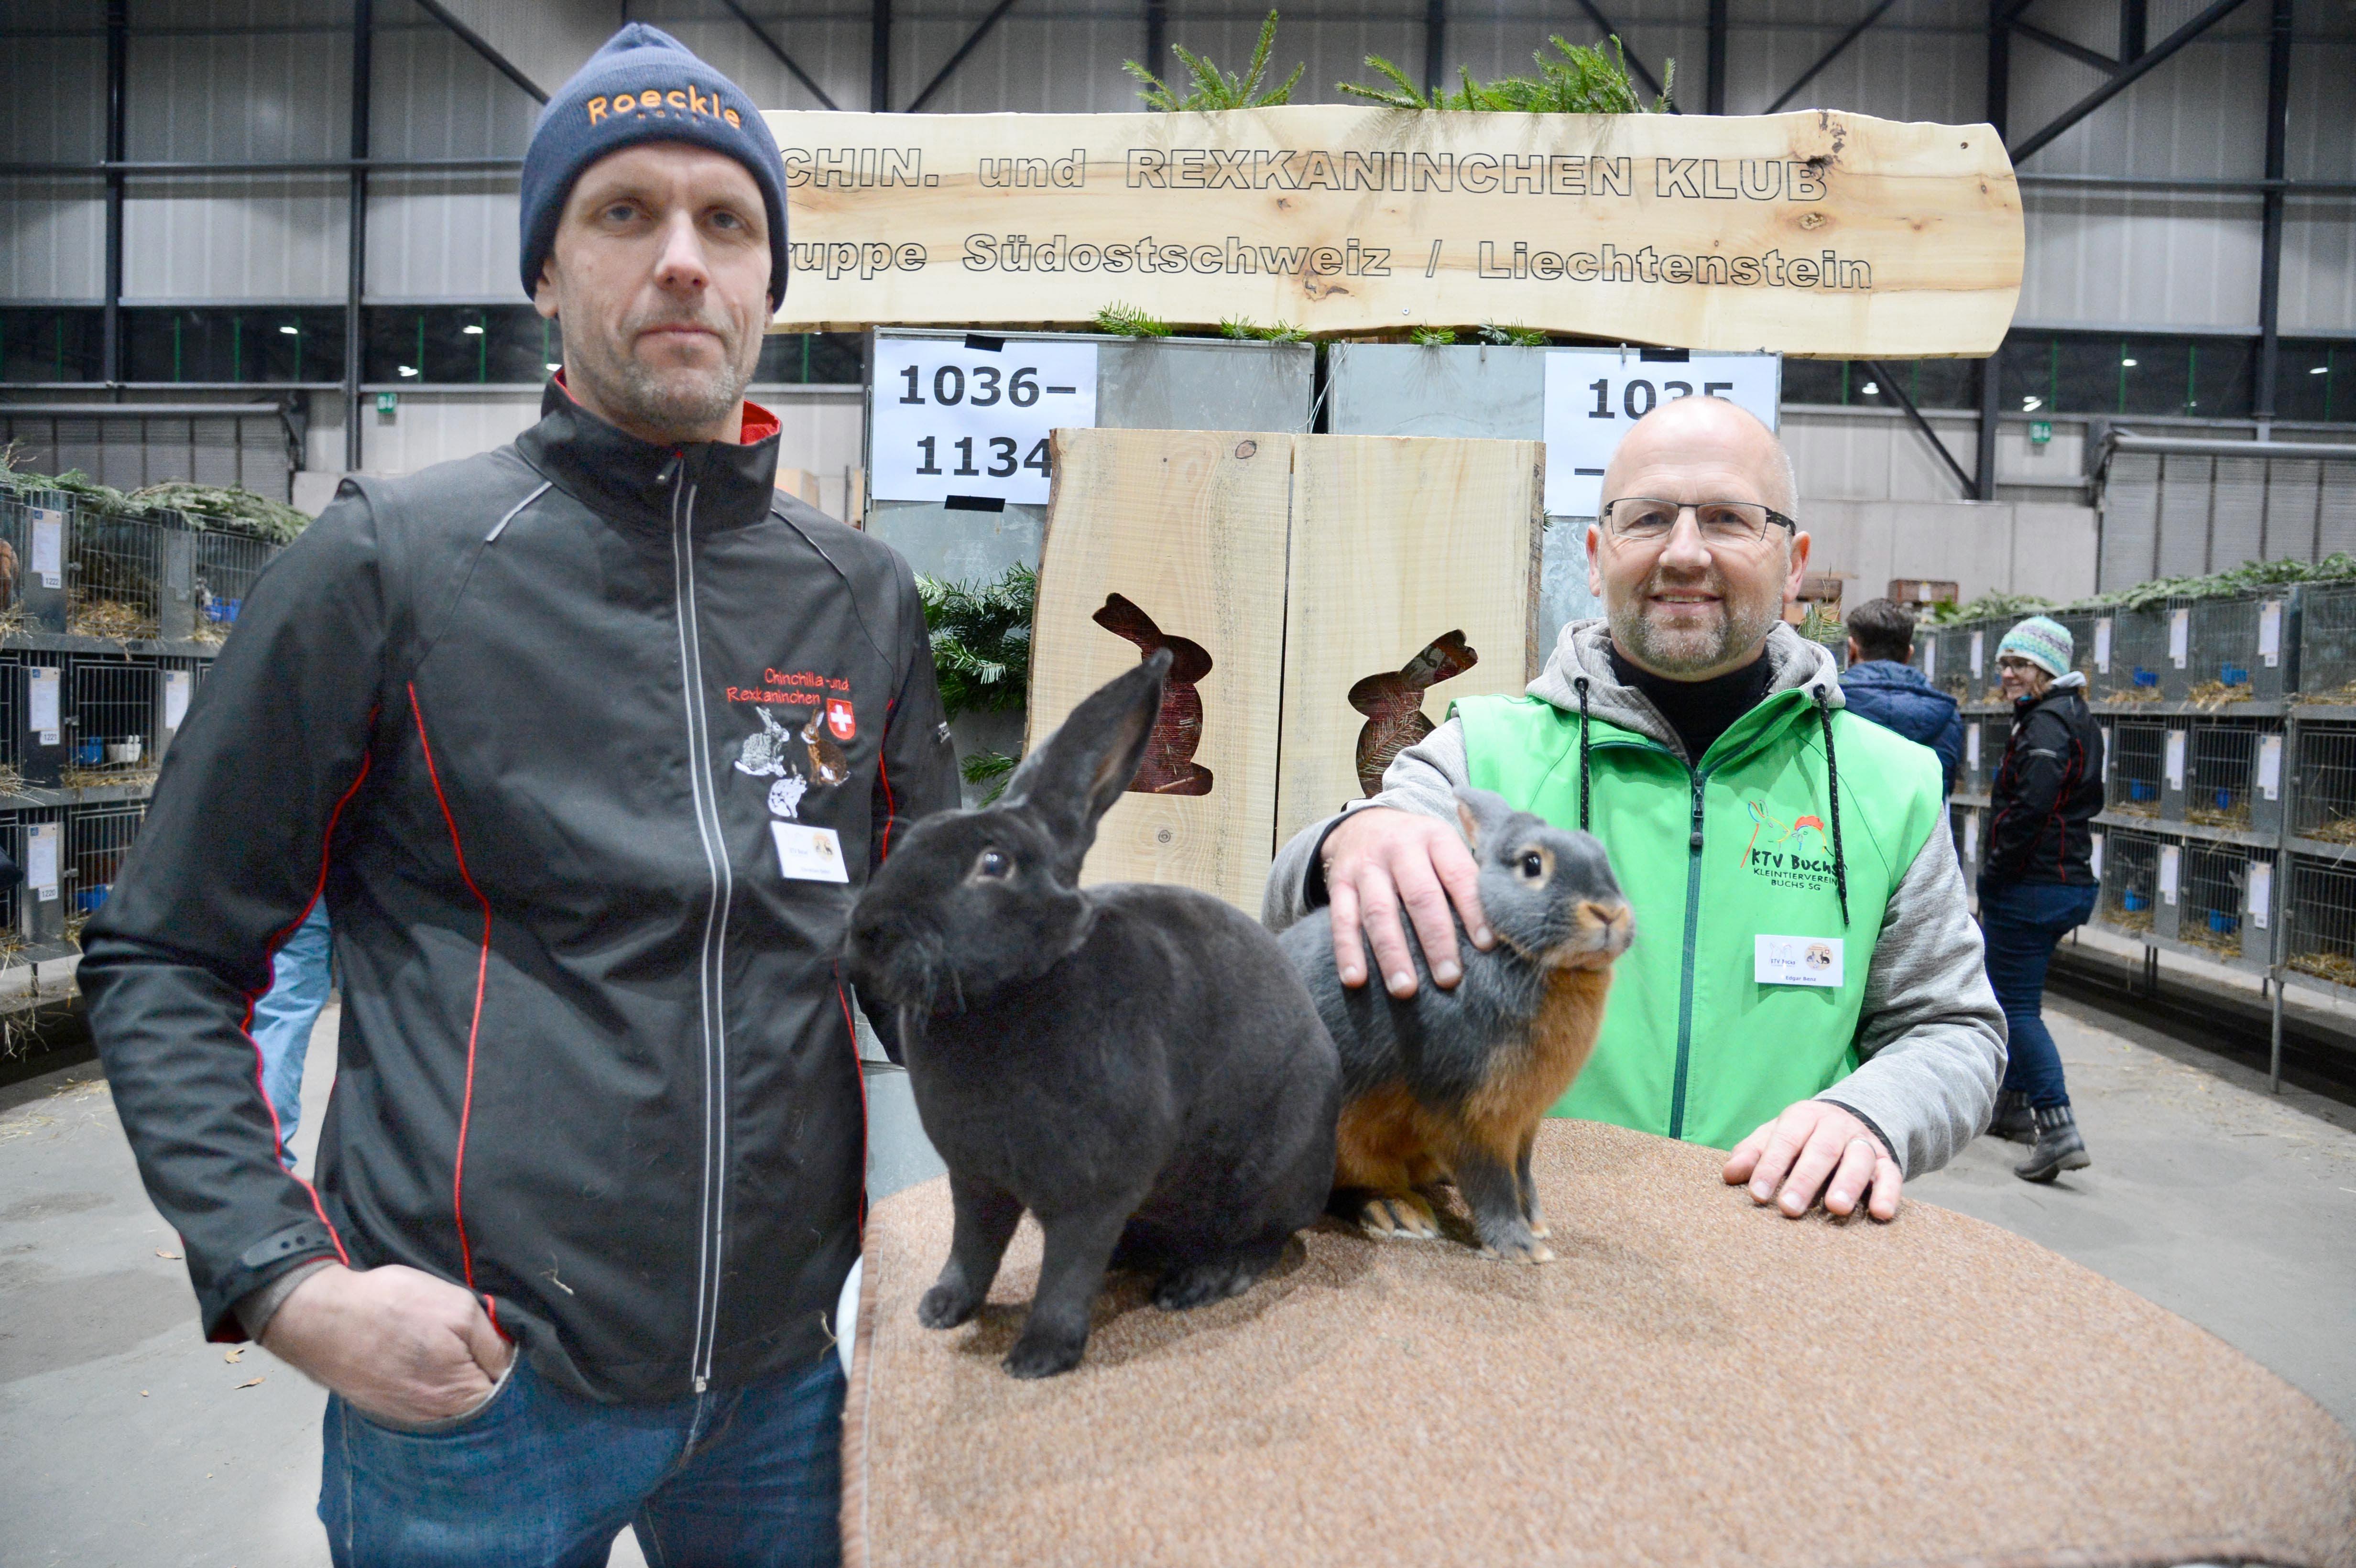 OK-Präsident Edgar Benz (rechts) zeigt sein blaues Lohkaninchen und OK-Vizepräsident Christian Oehri sein schwarzes Rex-Kaninchen.